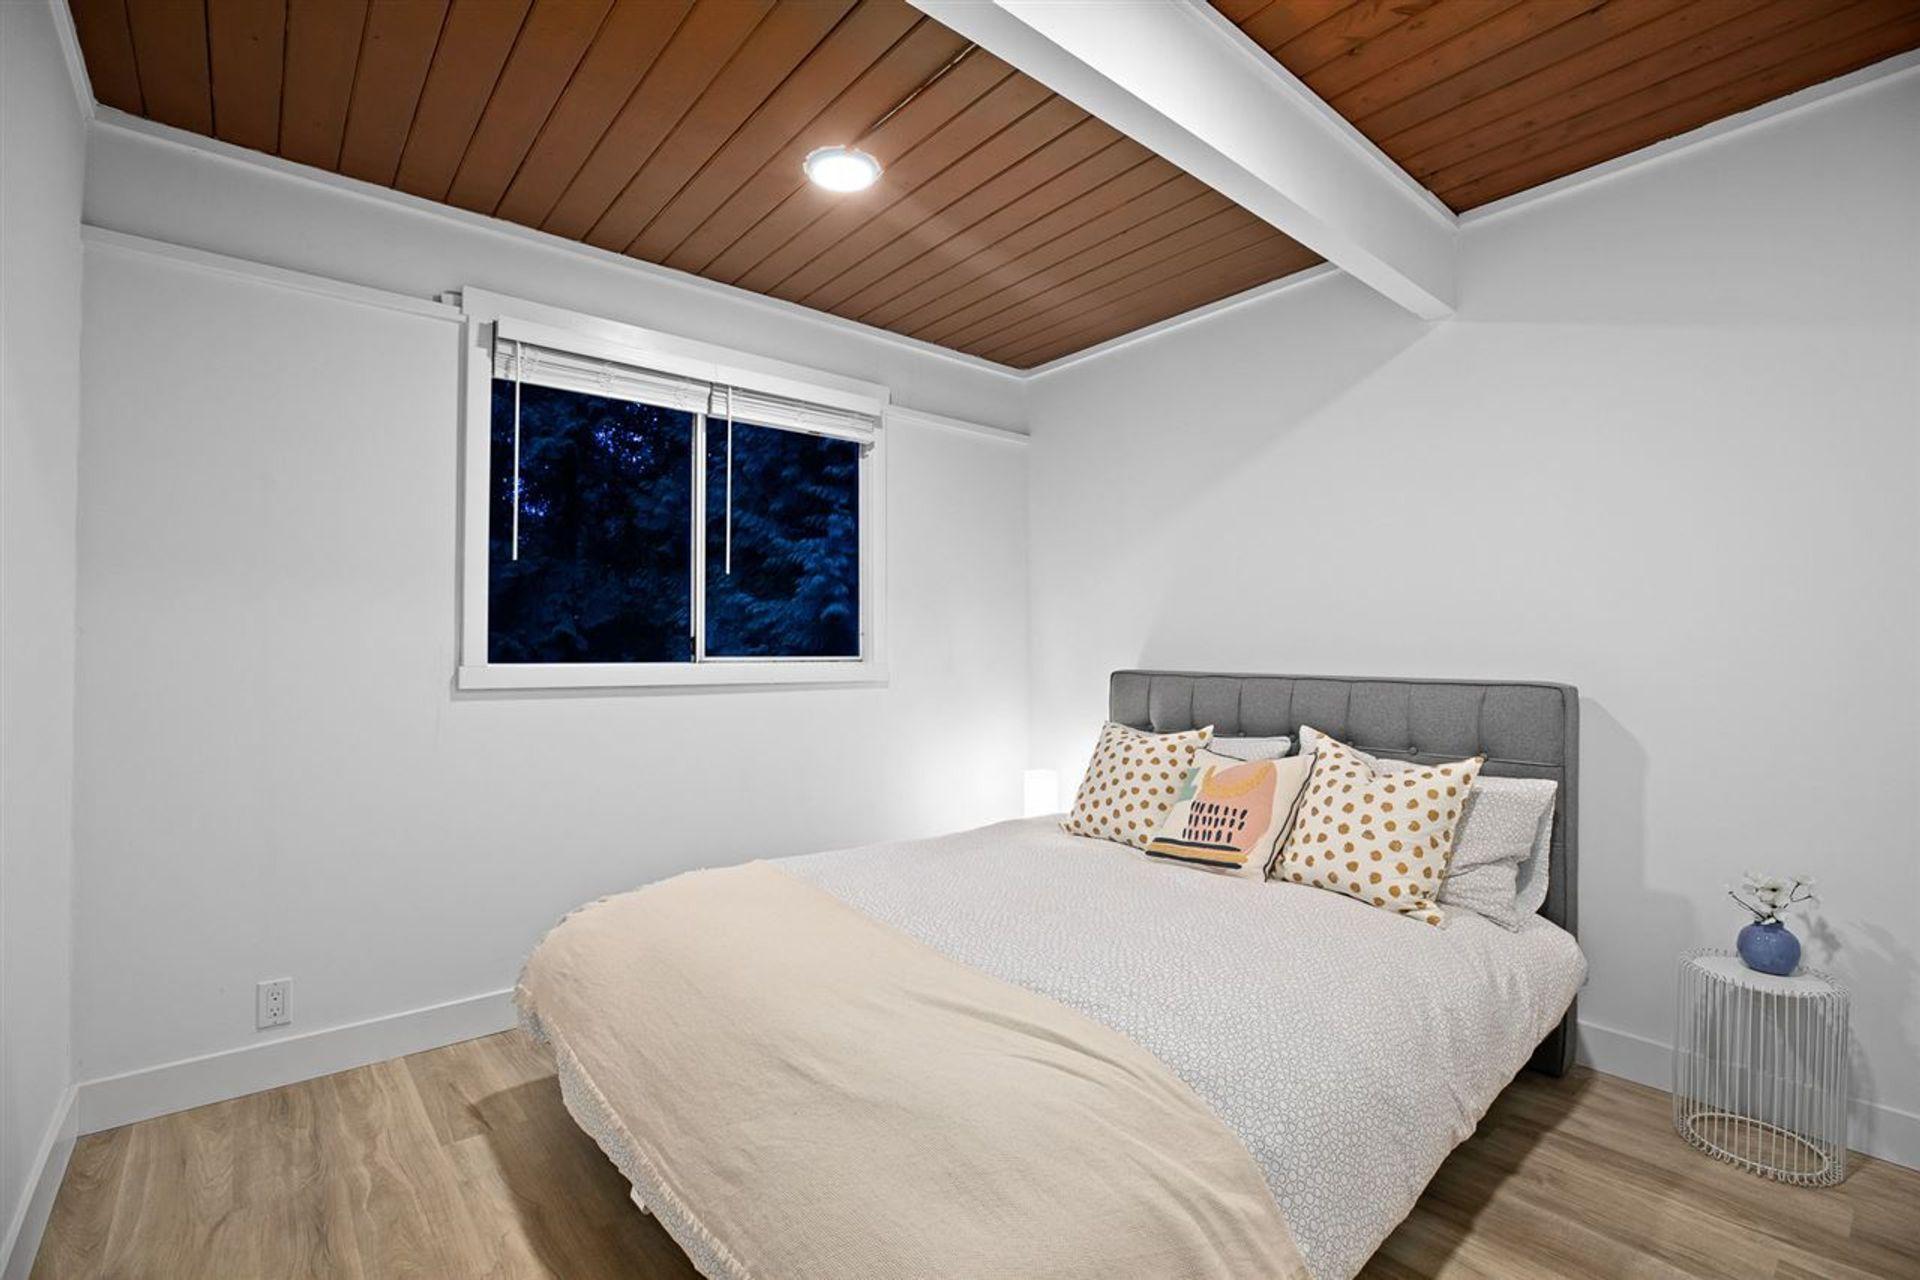 530-hadden-drive-british-properties-west-vancouver-13 at 530 Hadden Drive, British Properties, West Vancouver